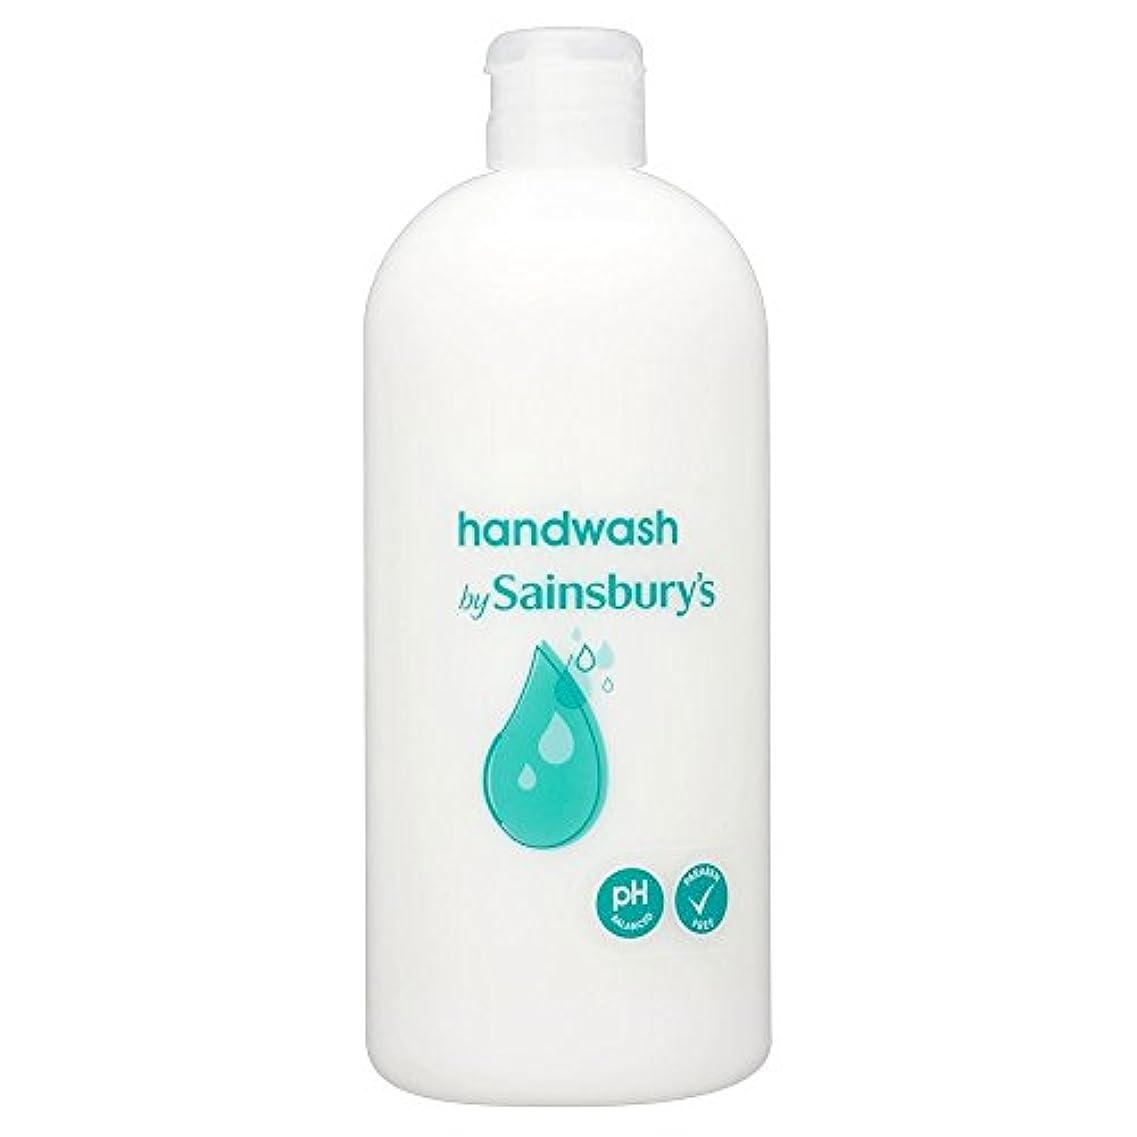 ひばりギャング経度Sainsbury's Handwash, White Refill 500ml - (Sainsbury's) 手洗い、白リフィル500ミリリットル [並行輸入品]